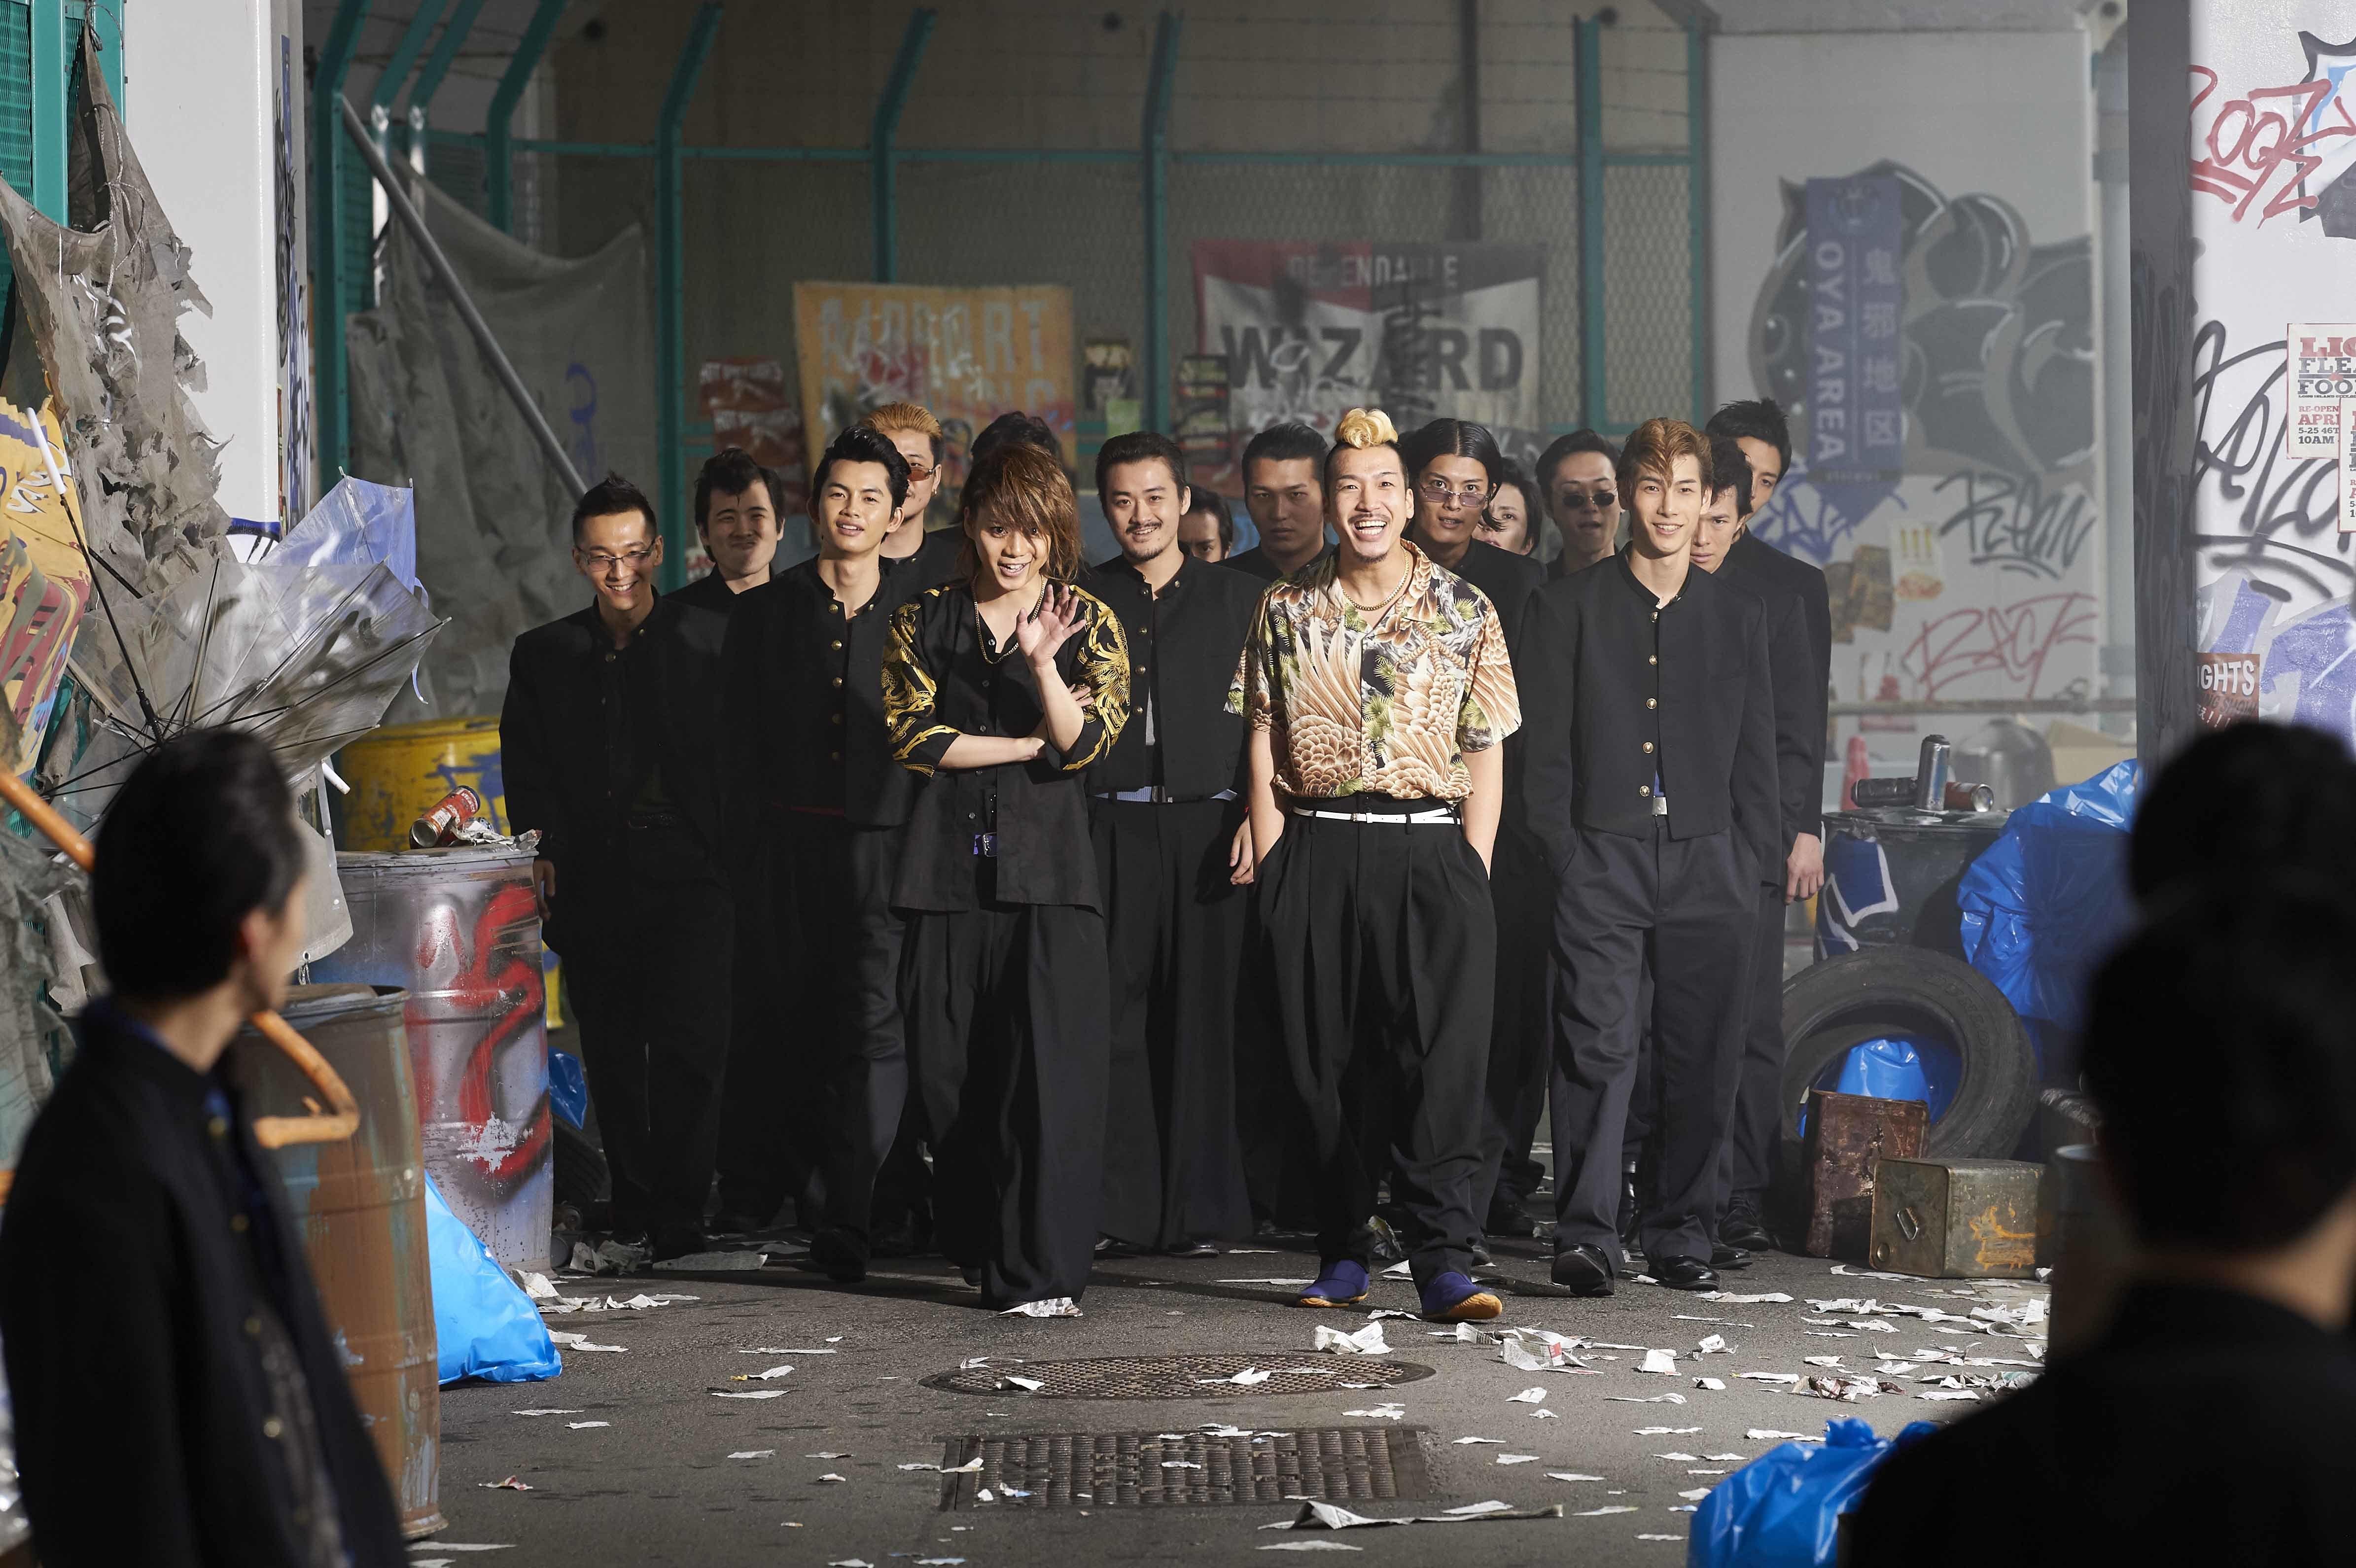 泰志(佐藤流司)・清史(うえきやサトシ)が率いる泰・清一派